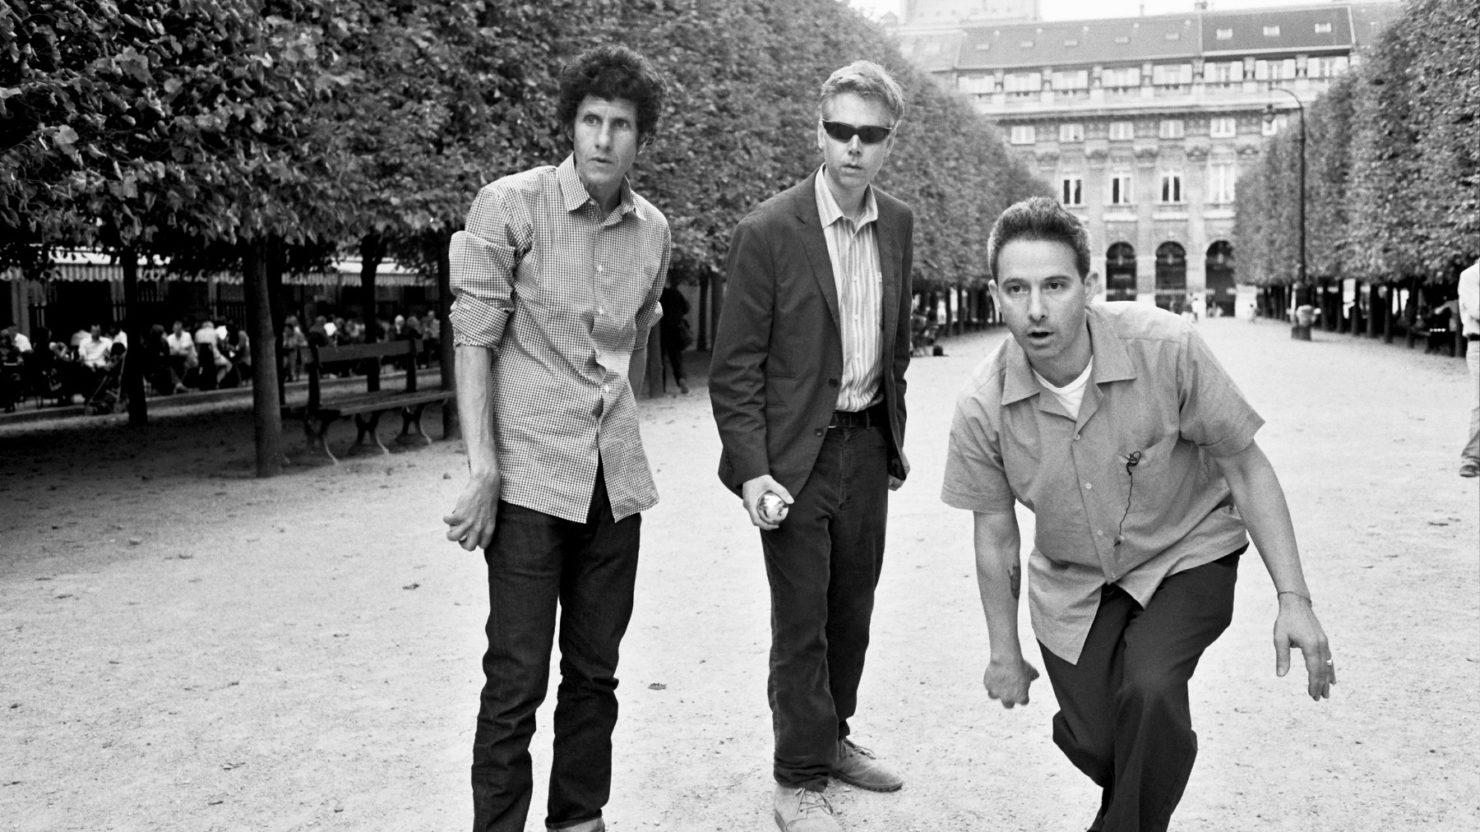 The Beastie Boys documentary